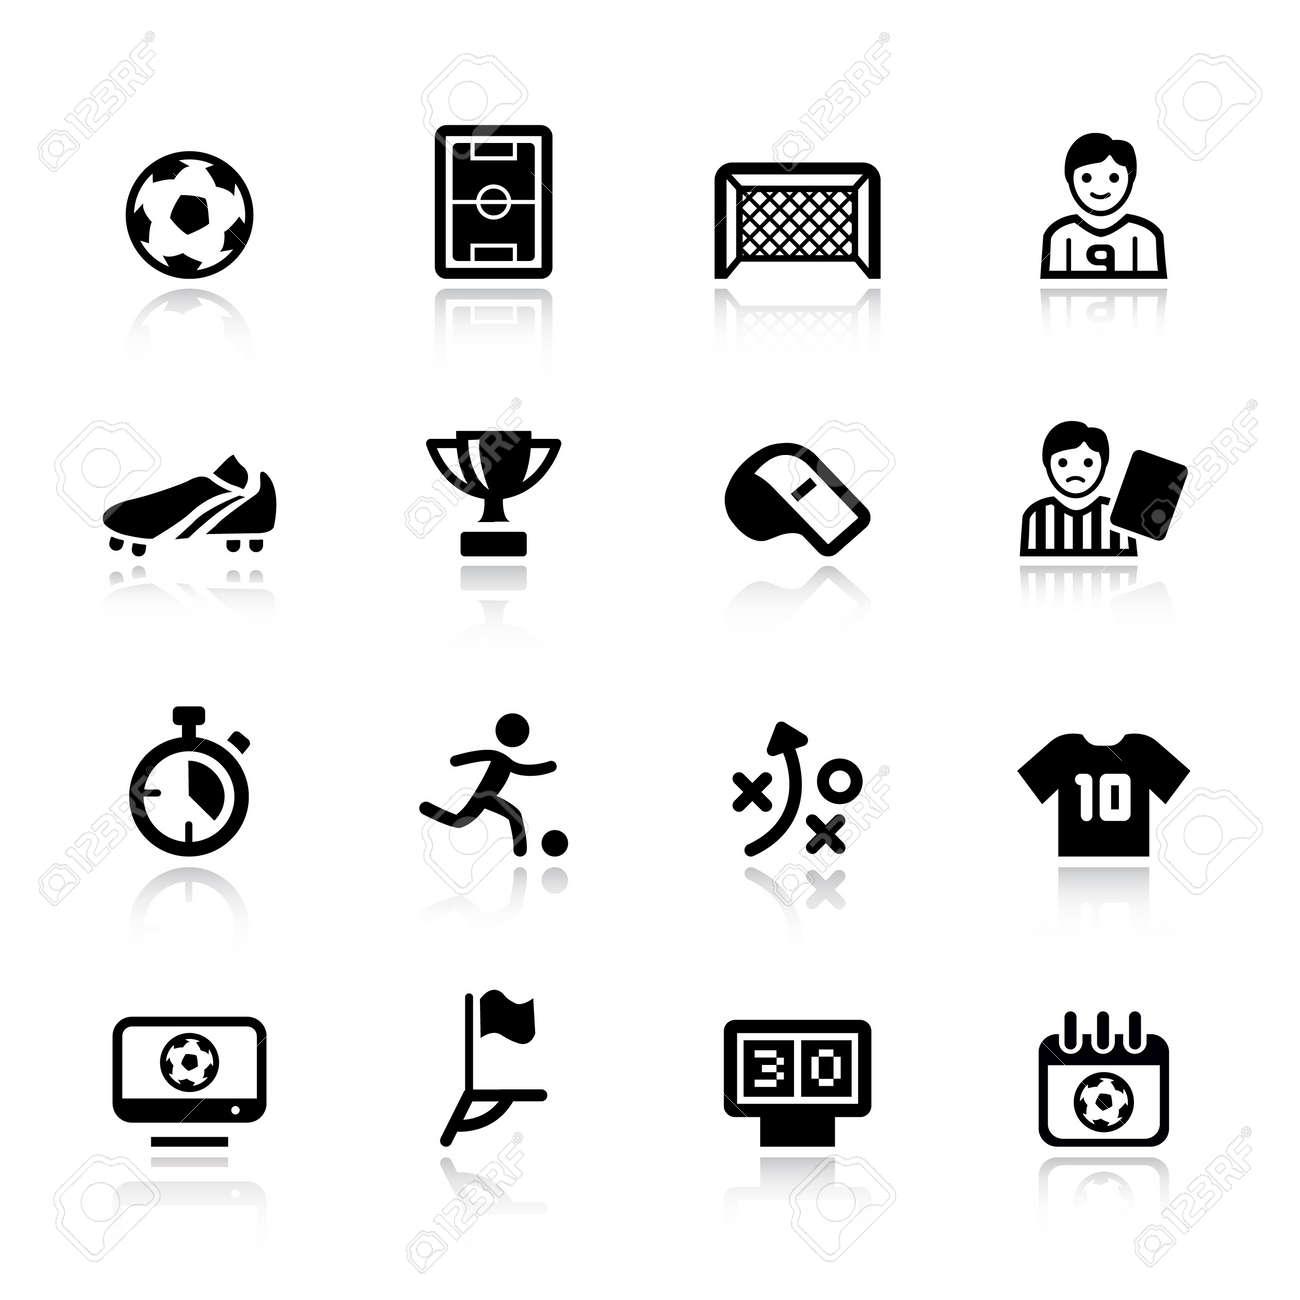 Basic - Soccer Icons - 12488381